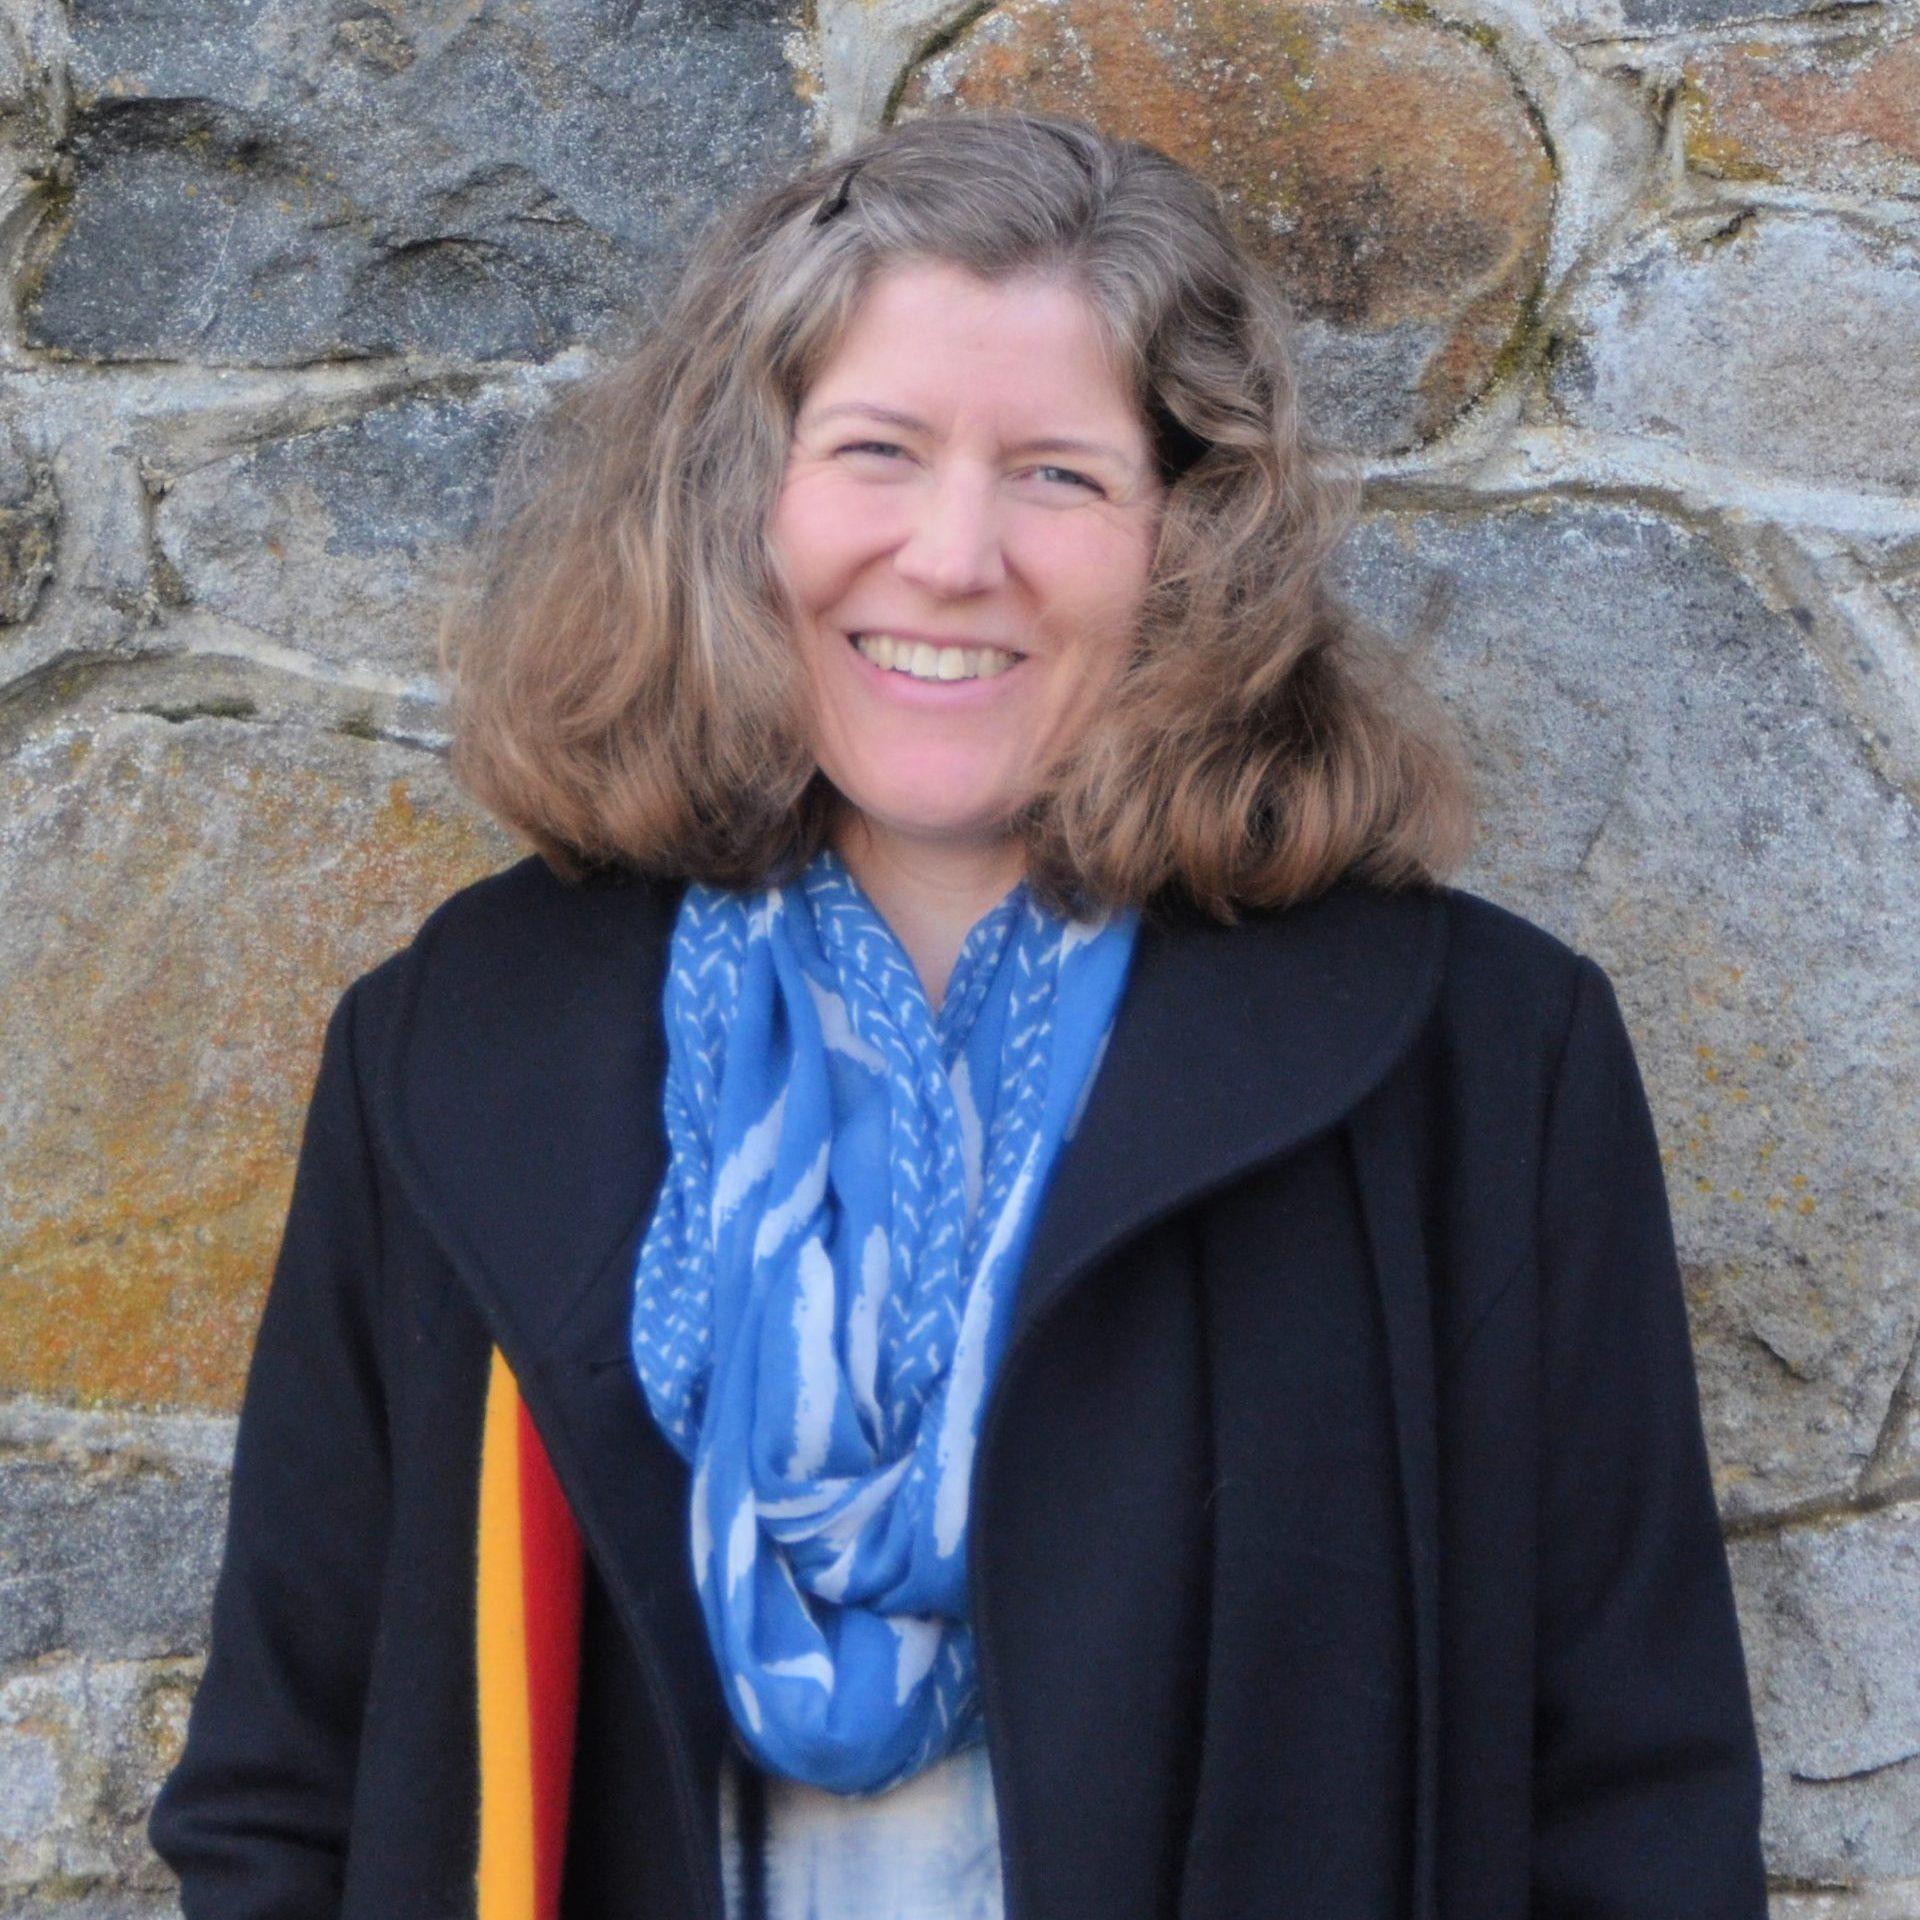 Joanna Dietz